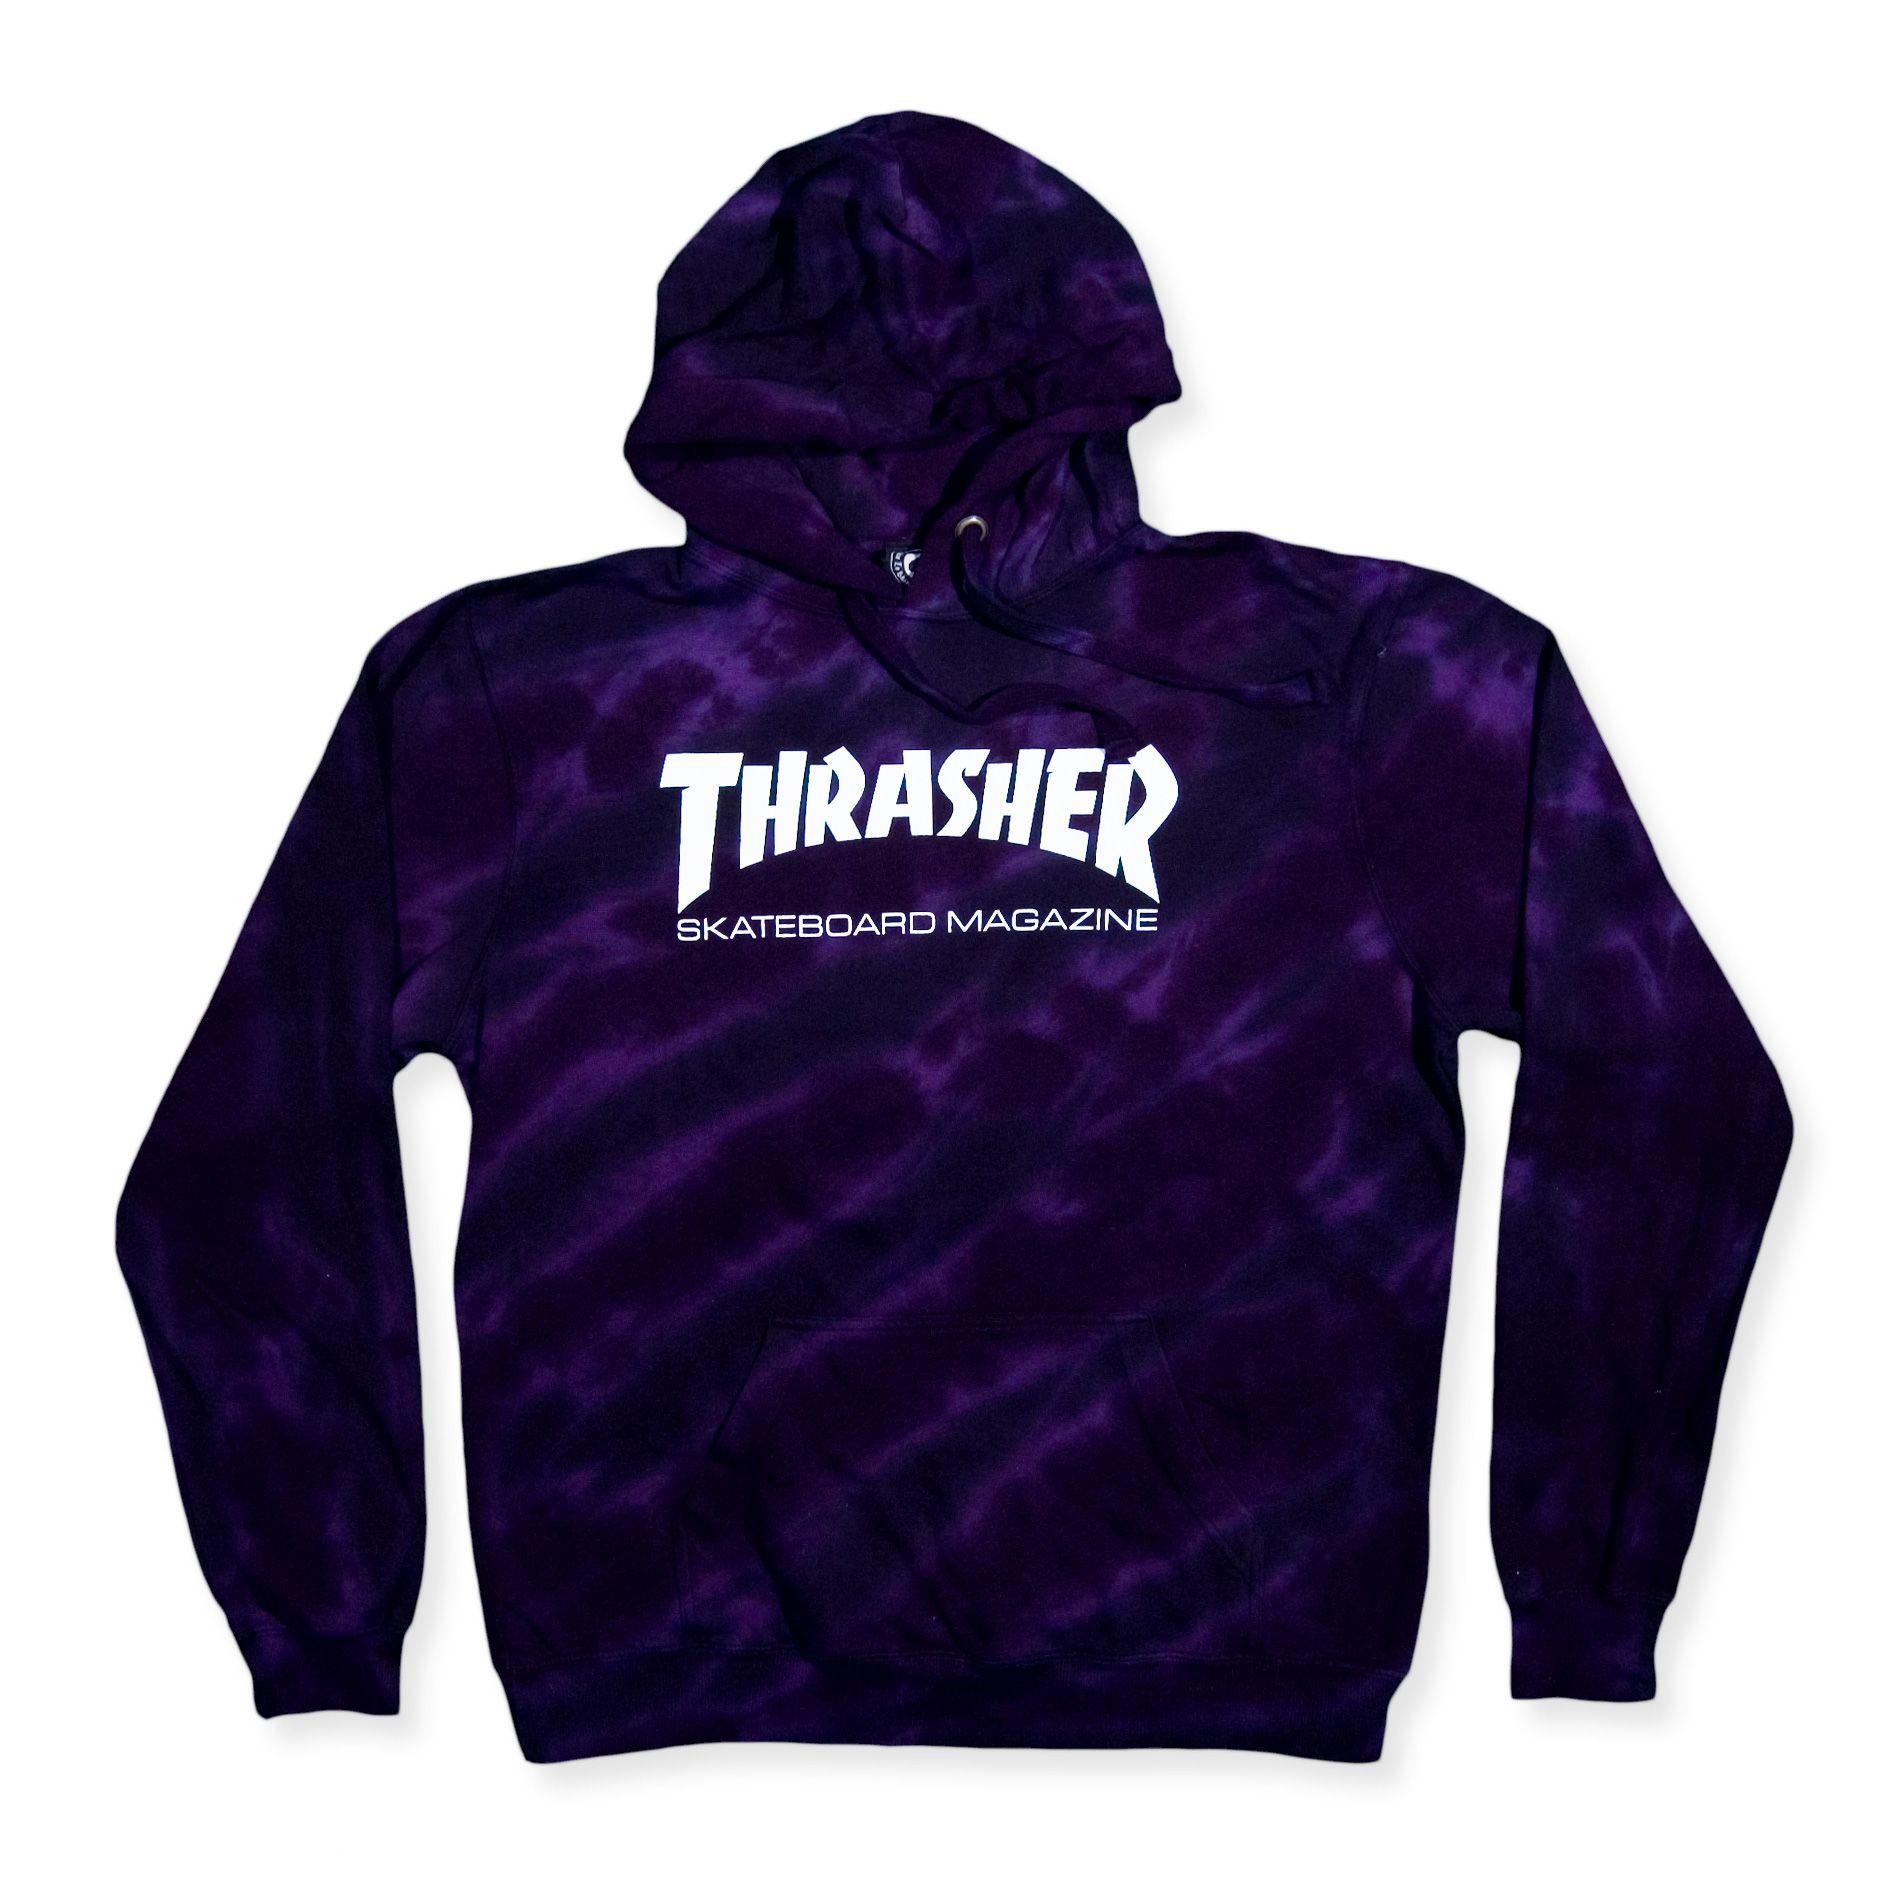 Thrasher Skate Mag Tie Dye Hoodie Purple Black  423d15fa3